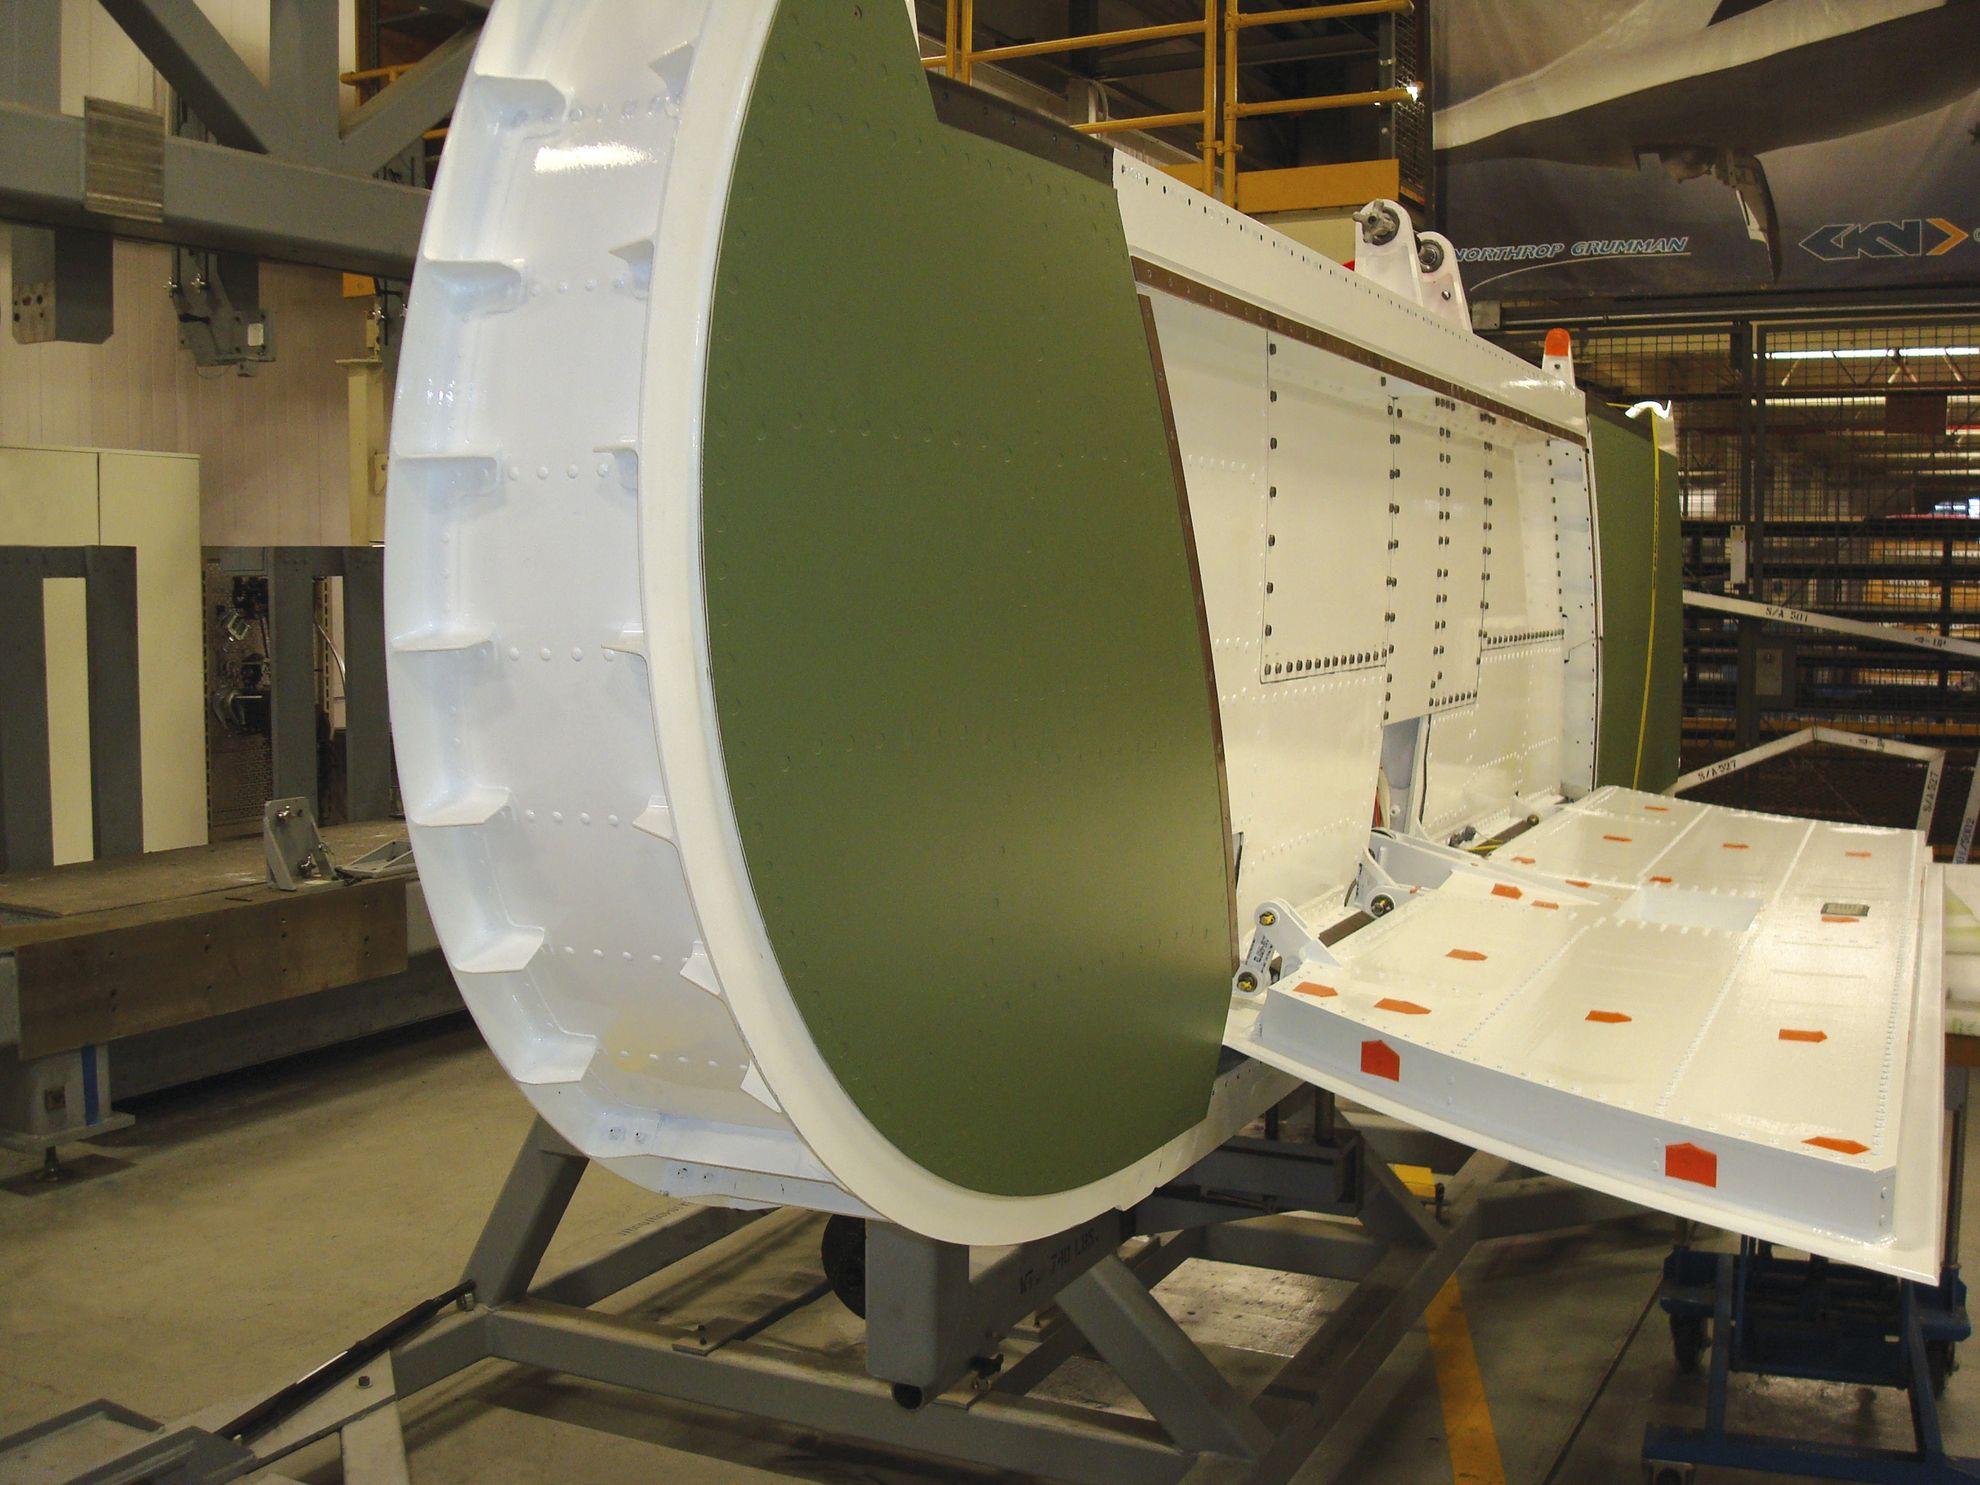 Кессон консоли крыла X-47B. Хорошо виден интерцептор. Направление полёта - вниз по изображению.